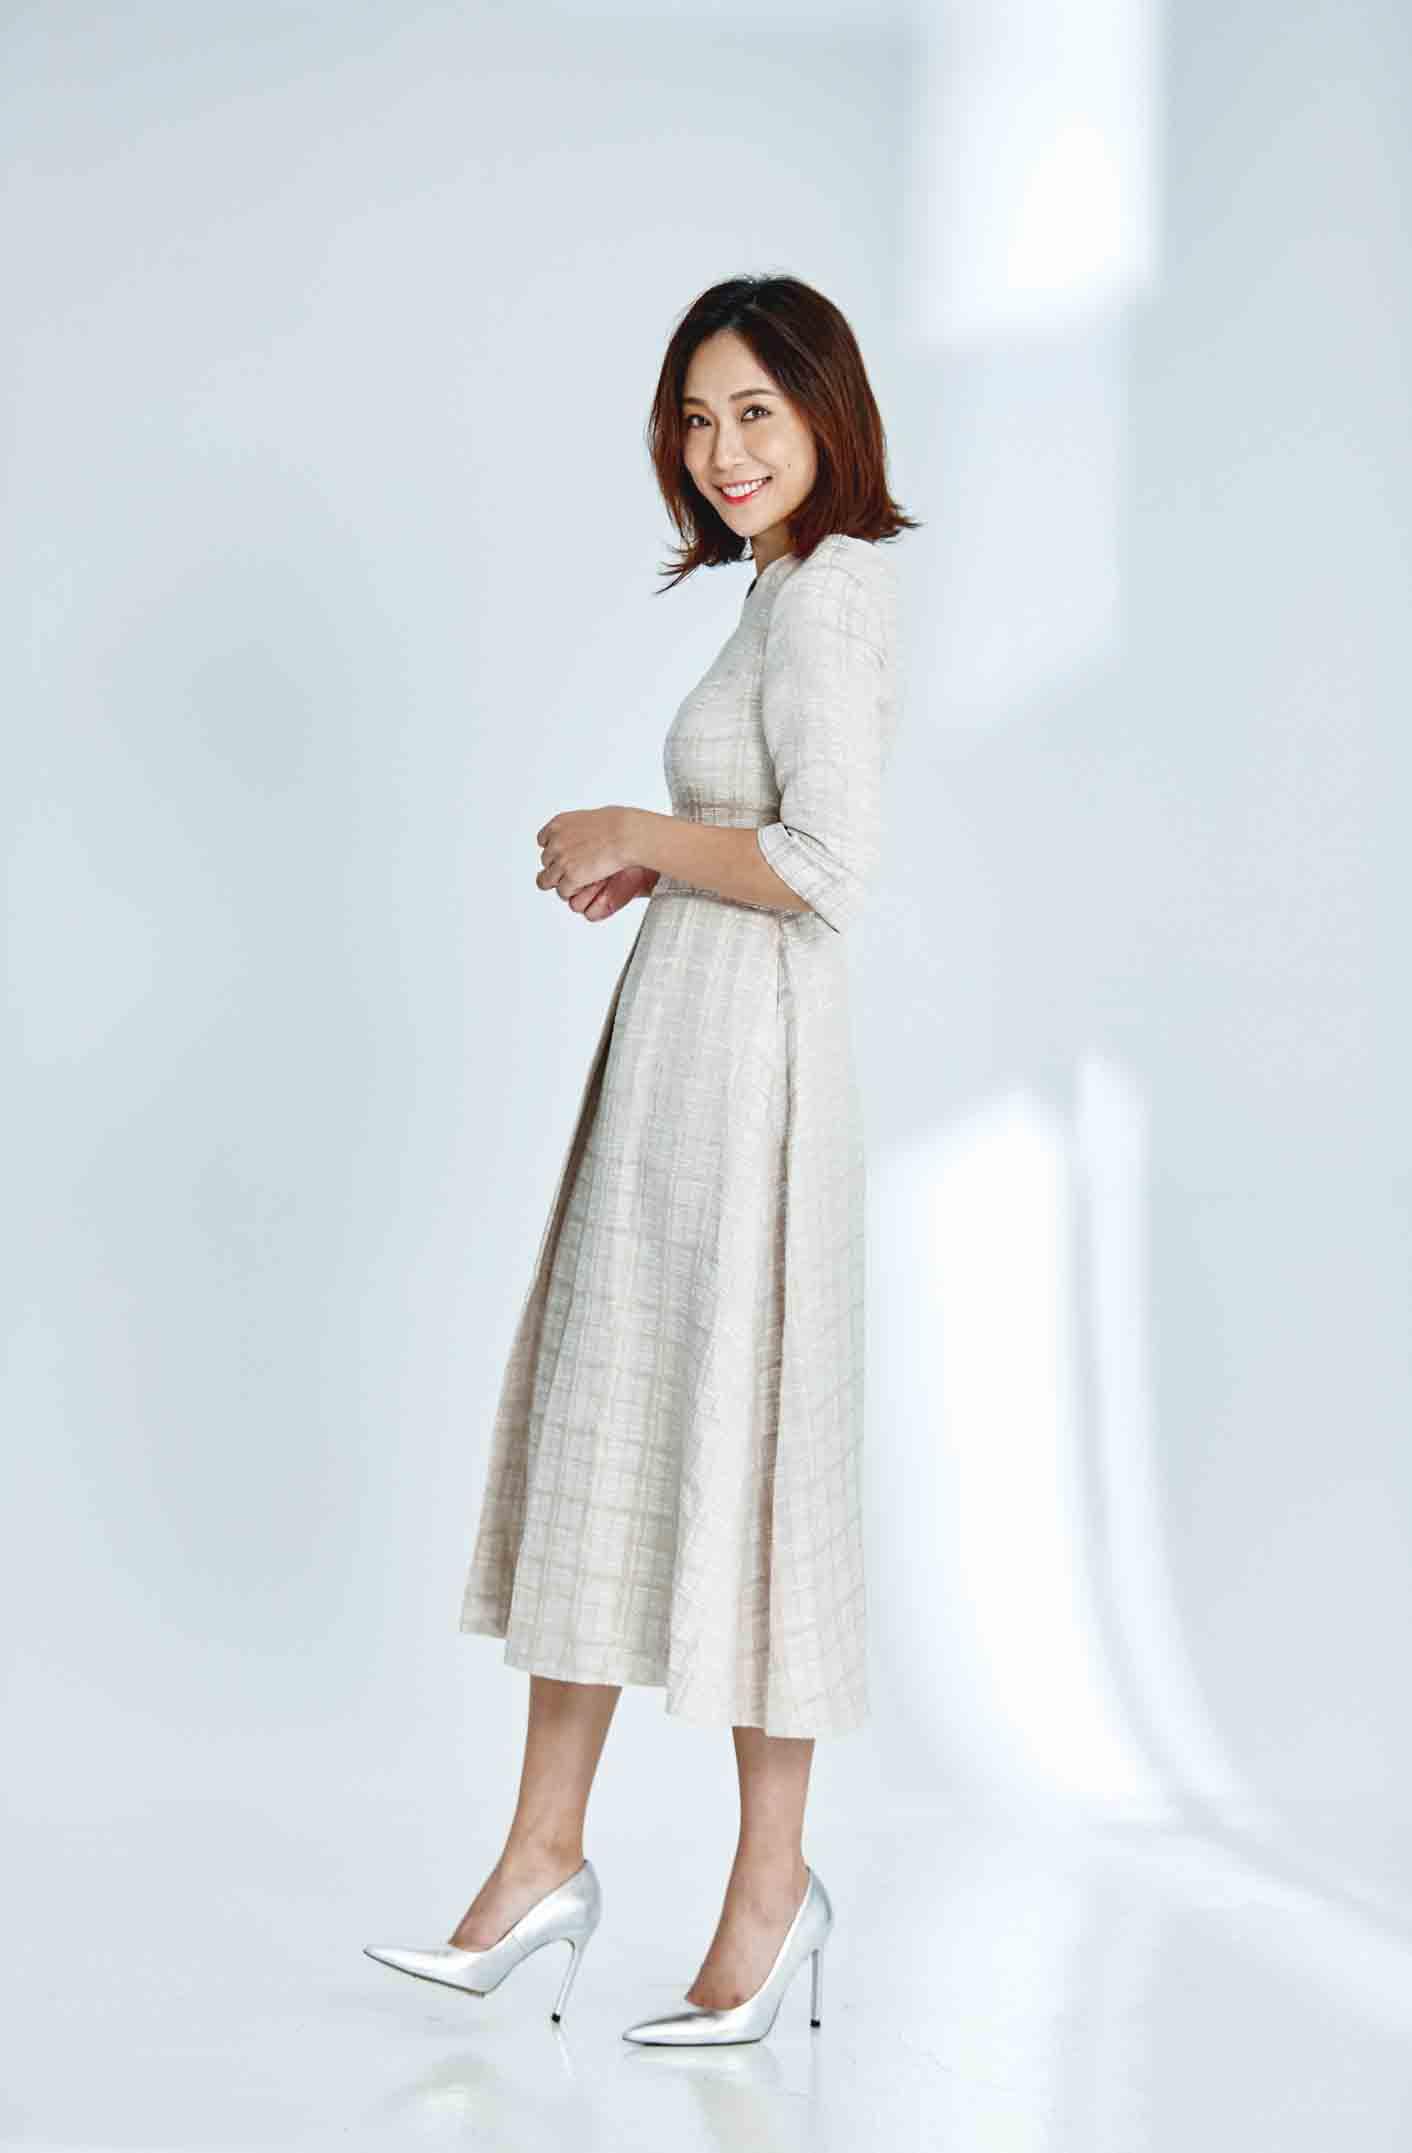 Cendrillon Round-neck 3/4 Length Sleeve Dress – Golden